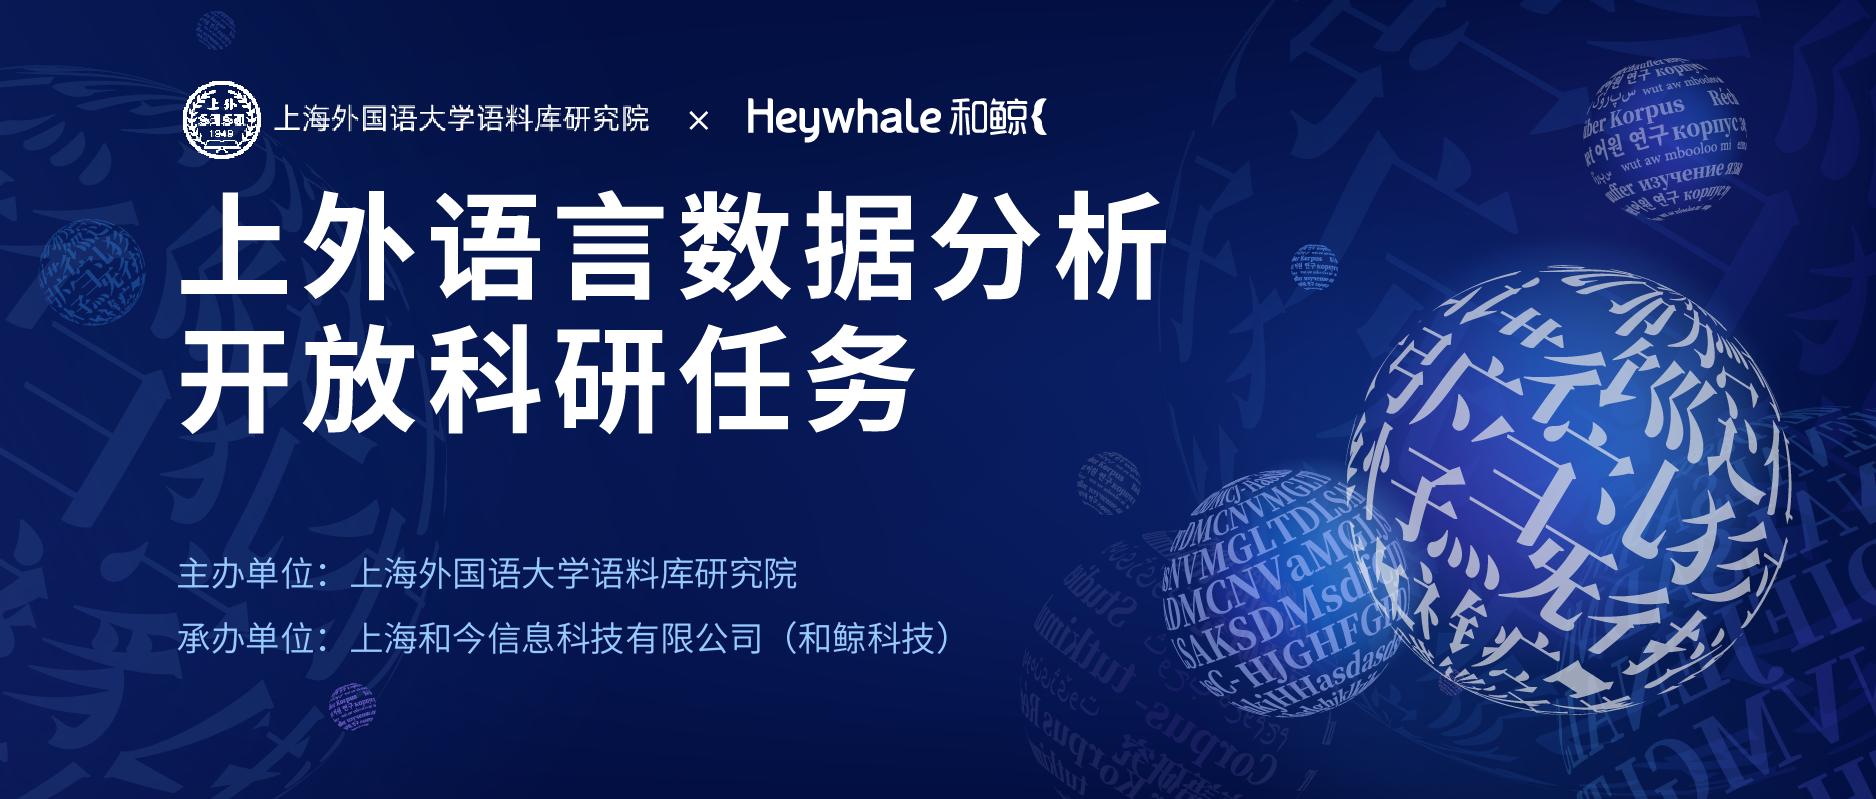 上外语料库研究院与和鲸联合联合推出开放式科研任务